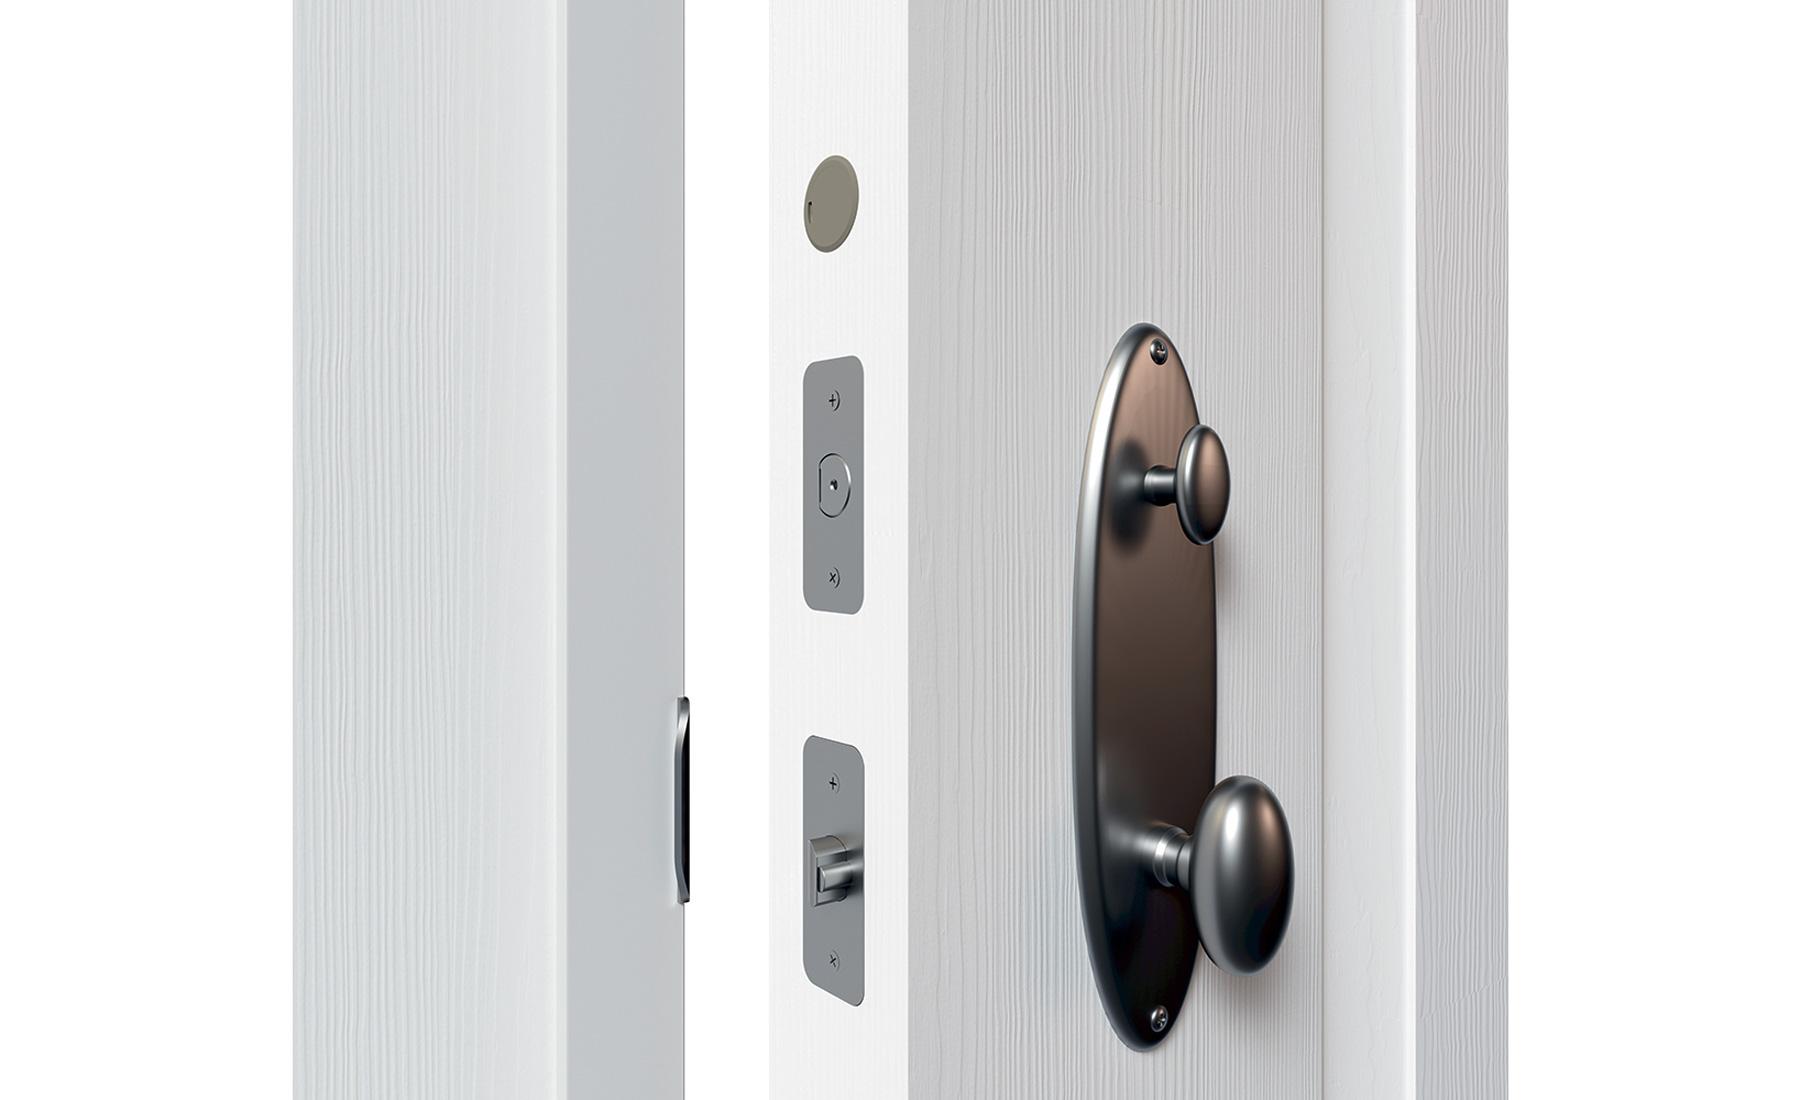 Pella Insynctive Built-In Entry Door Sensors  sc 1 st  Wink & Wink | Pella Insynctive Built-In Entry Door Sensors